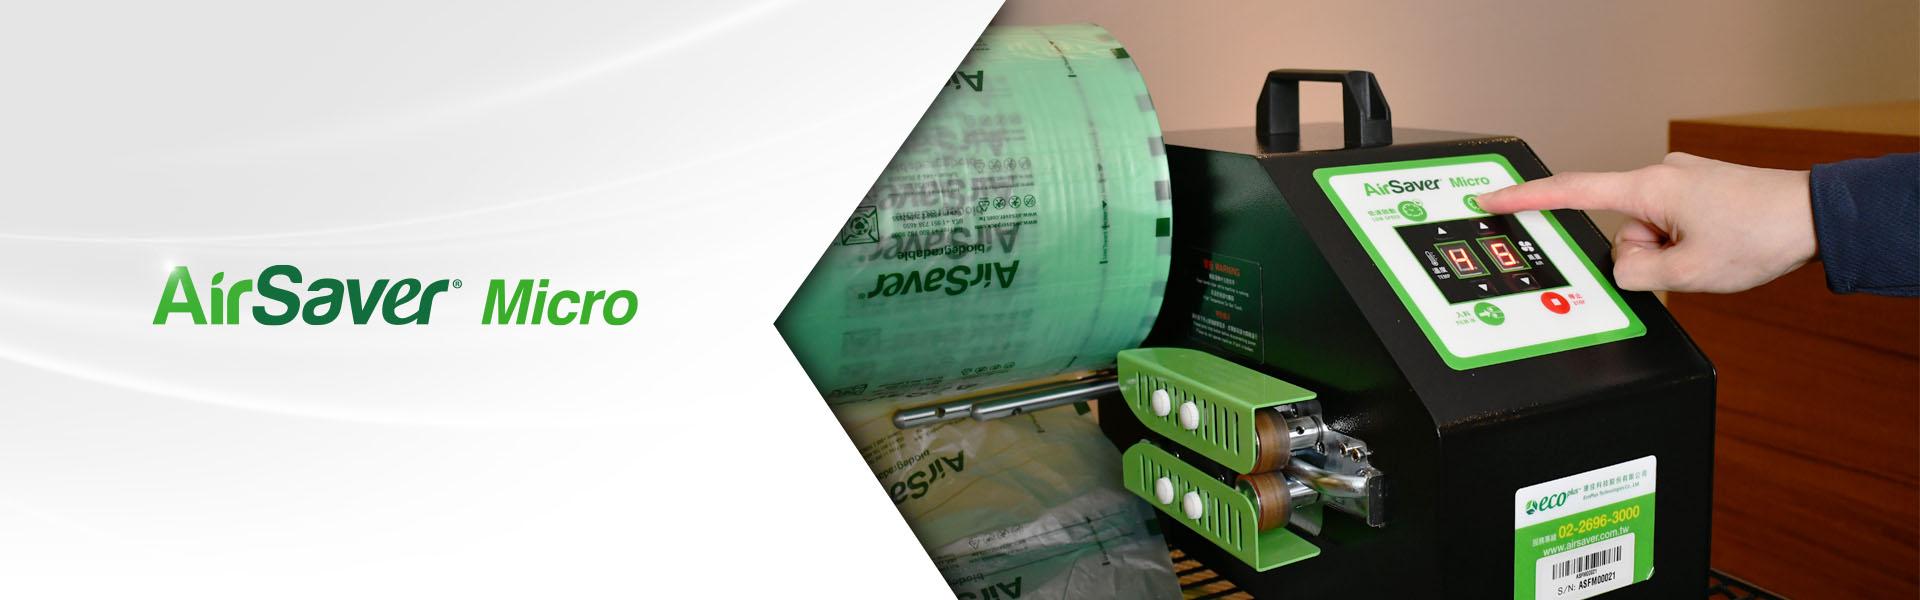 微電商緩衝氣墊機